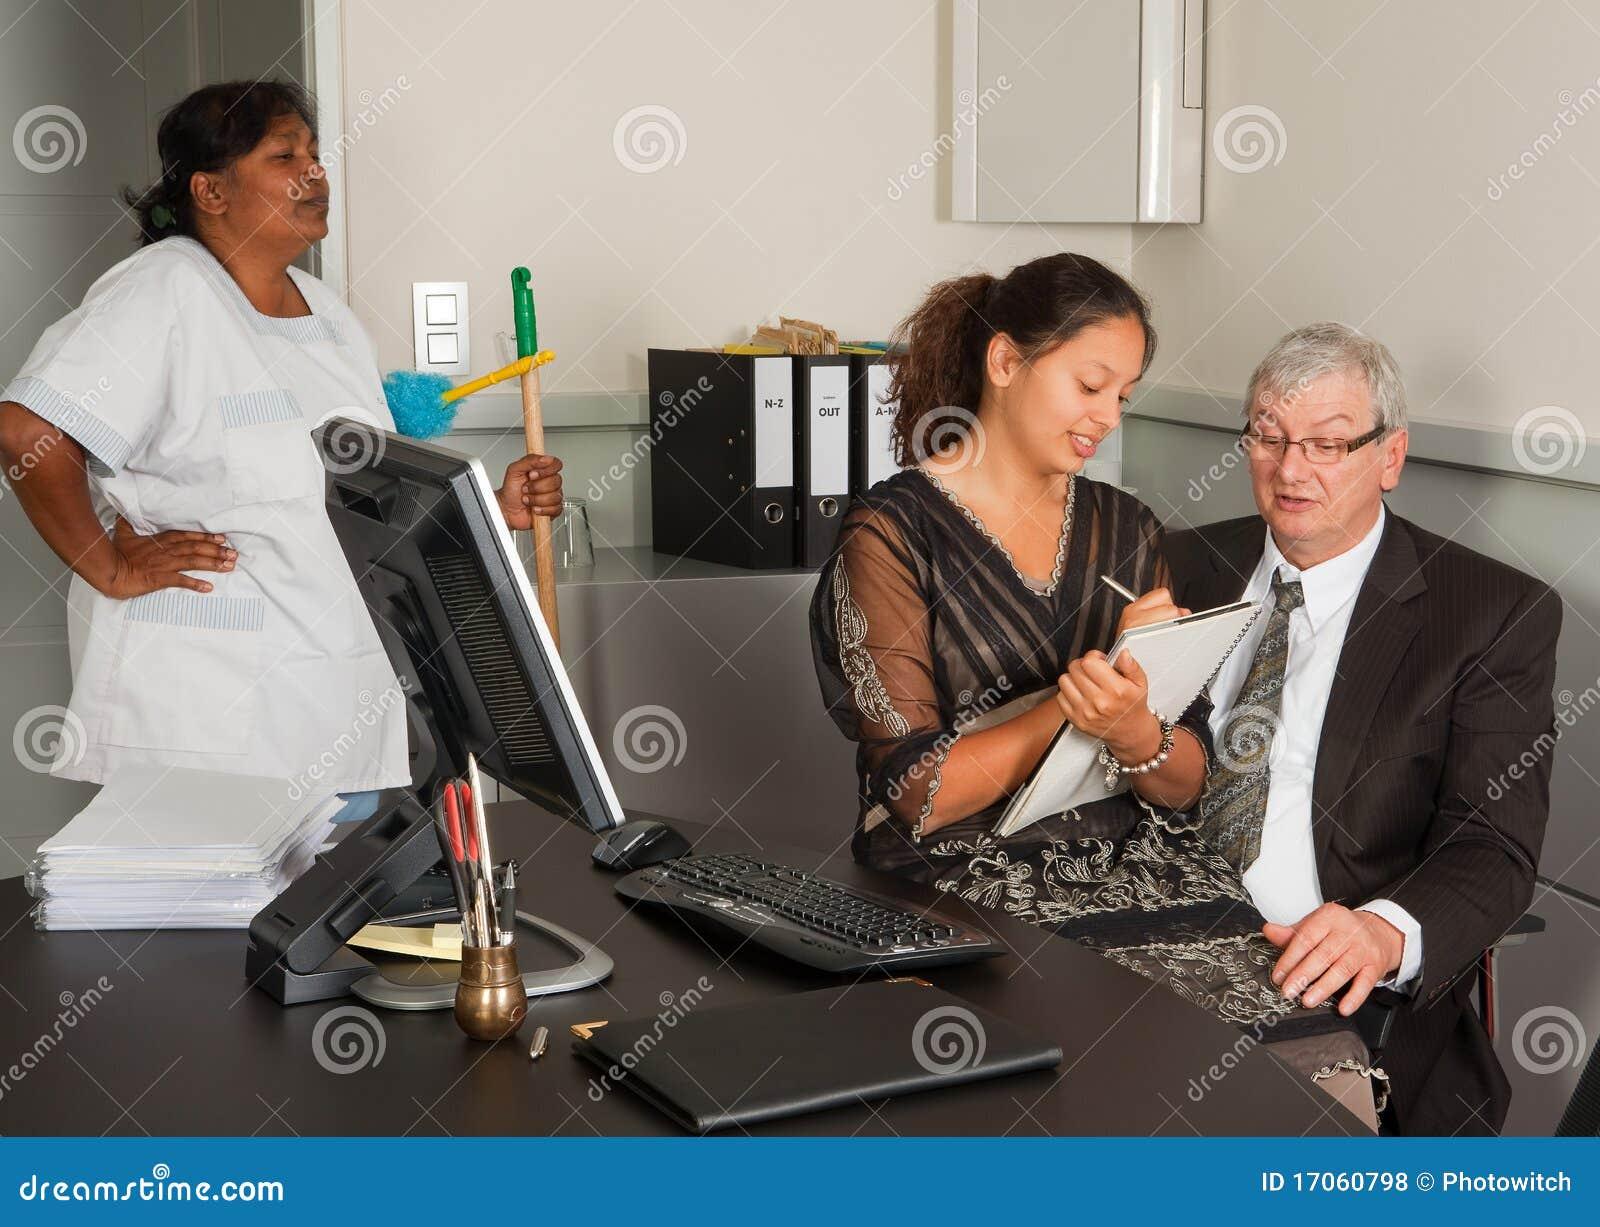 Пристает начальник к домработнице, Хозяин пристает к молодой няне - порно видео онлайн 23 фотография